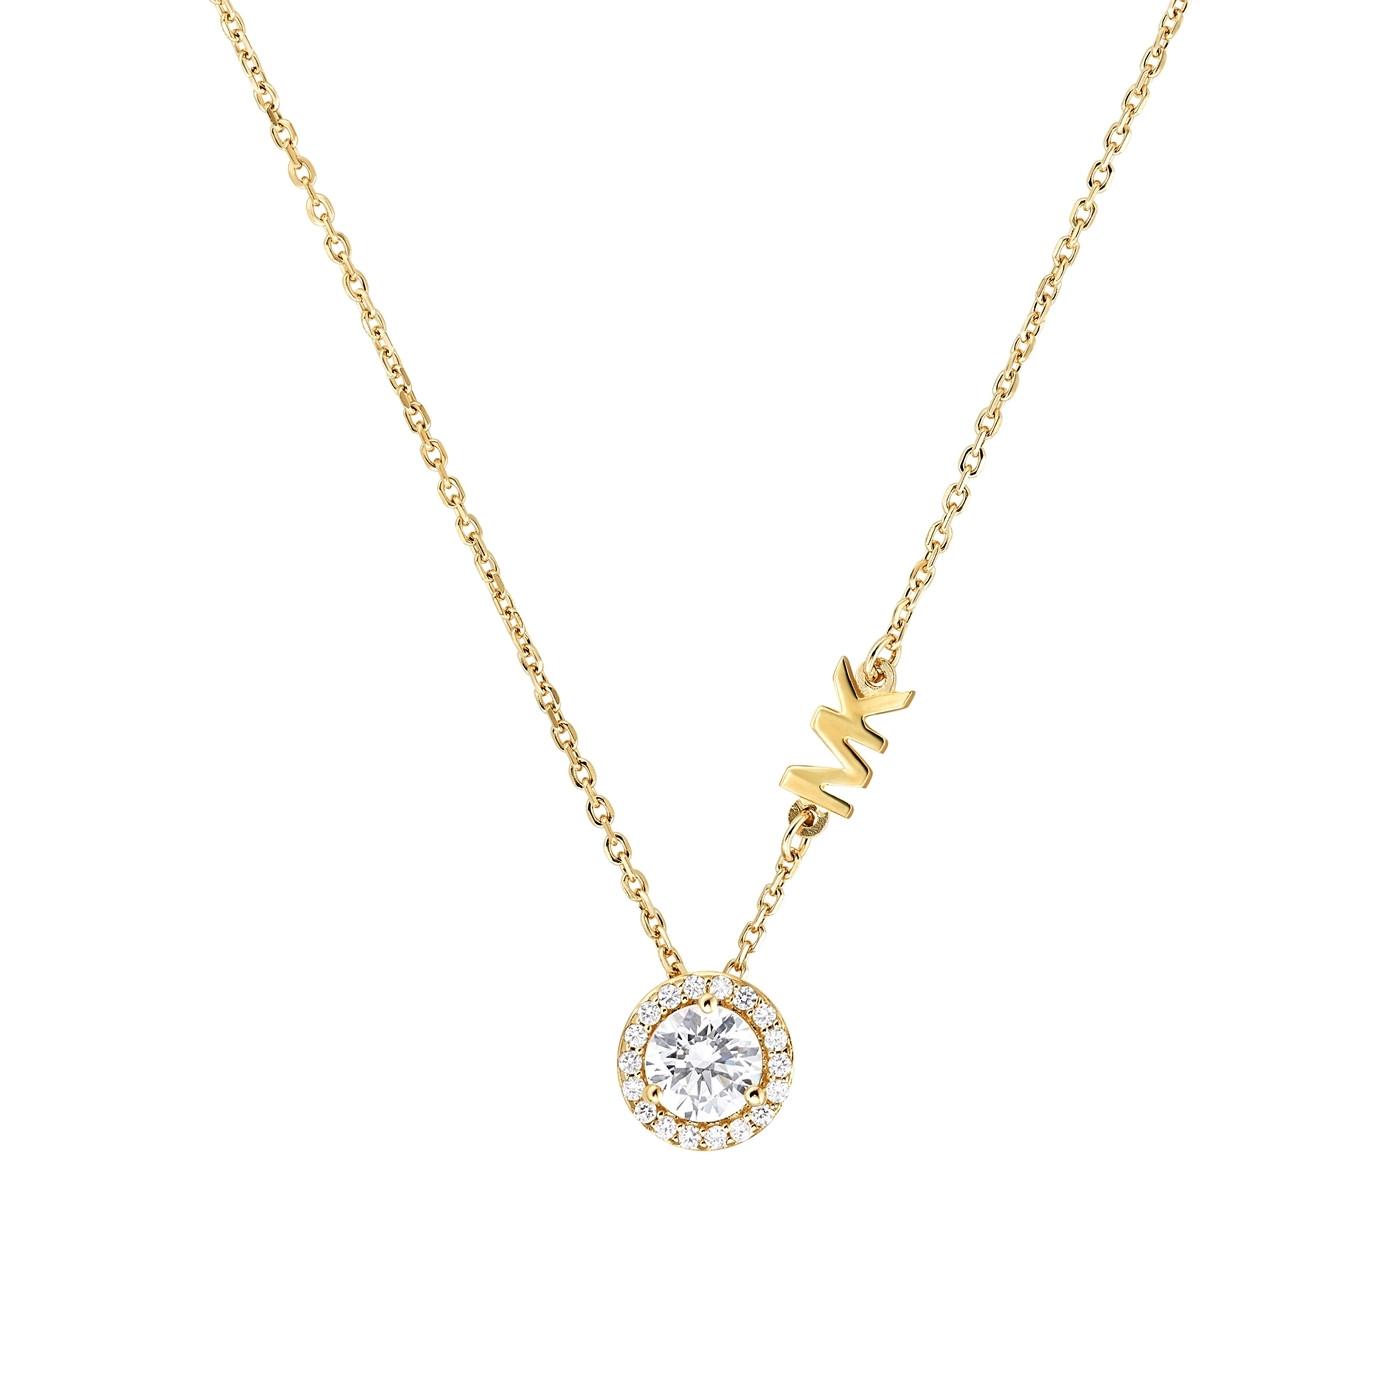 Michael Kors MKC1208AN710 - biżuteria